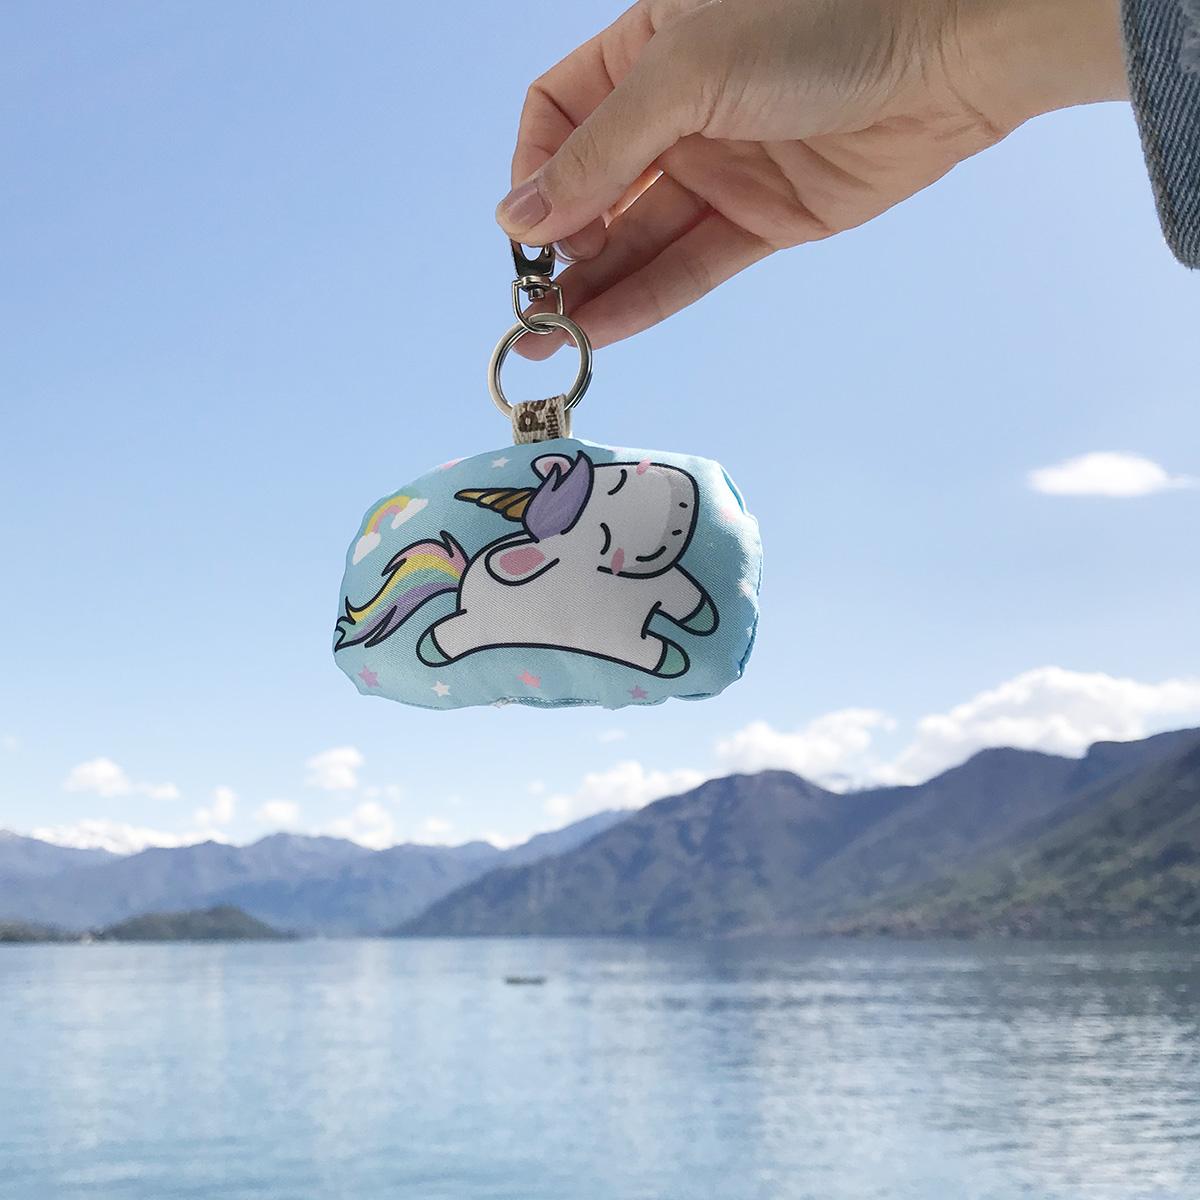 พวงกุญแจพร้อมส่ง ลาย Unicorn - Blue